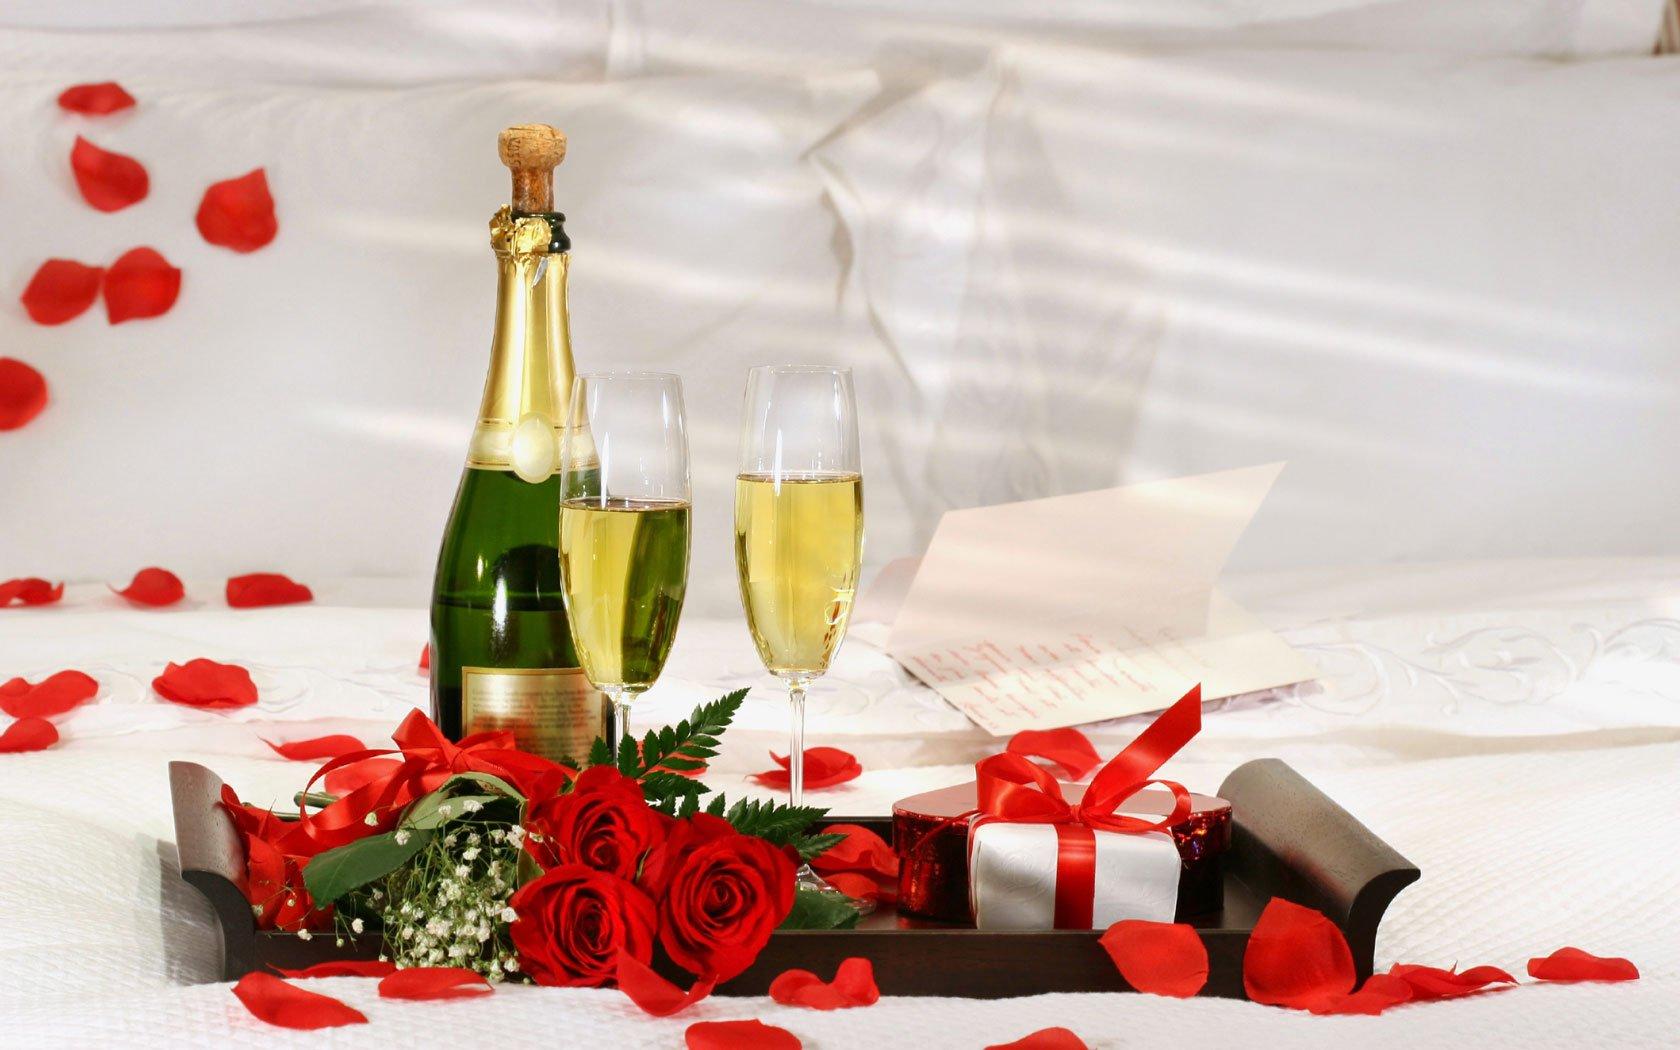 Надписью живи, поздравительная открытка романтическая